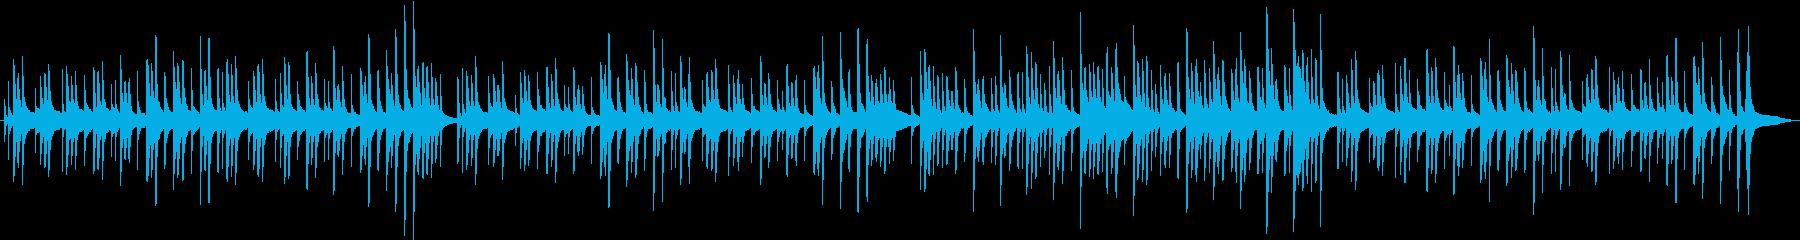 グロッケンのみのオルゴール風BGMの再生済みの波形